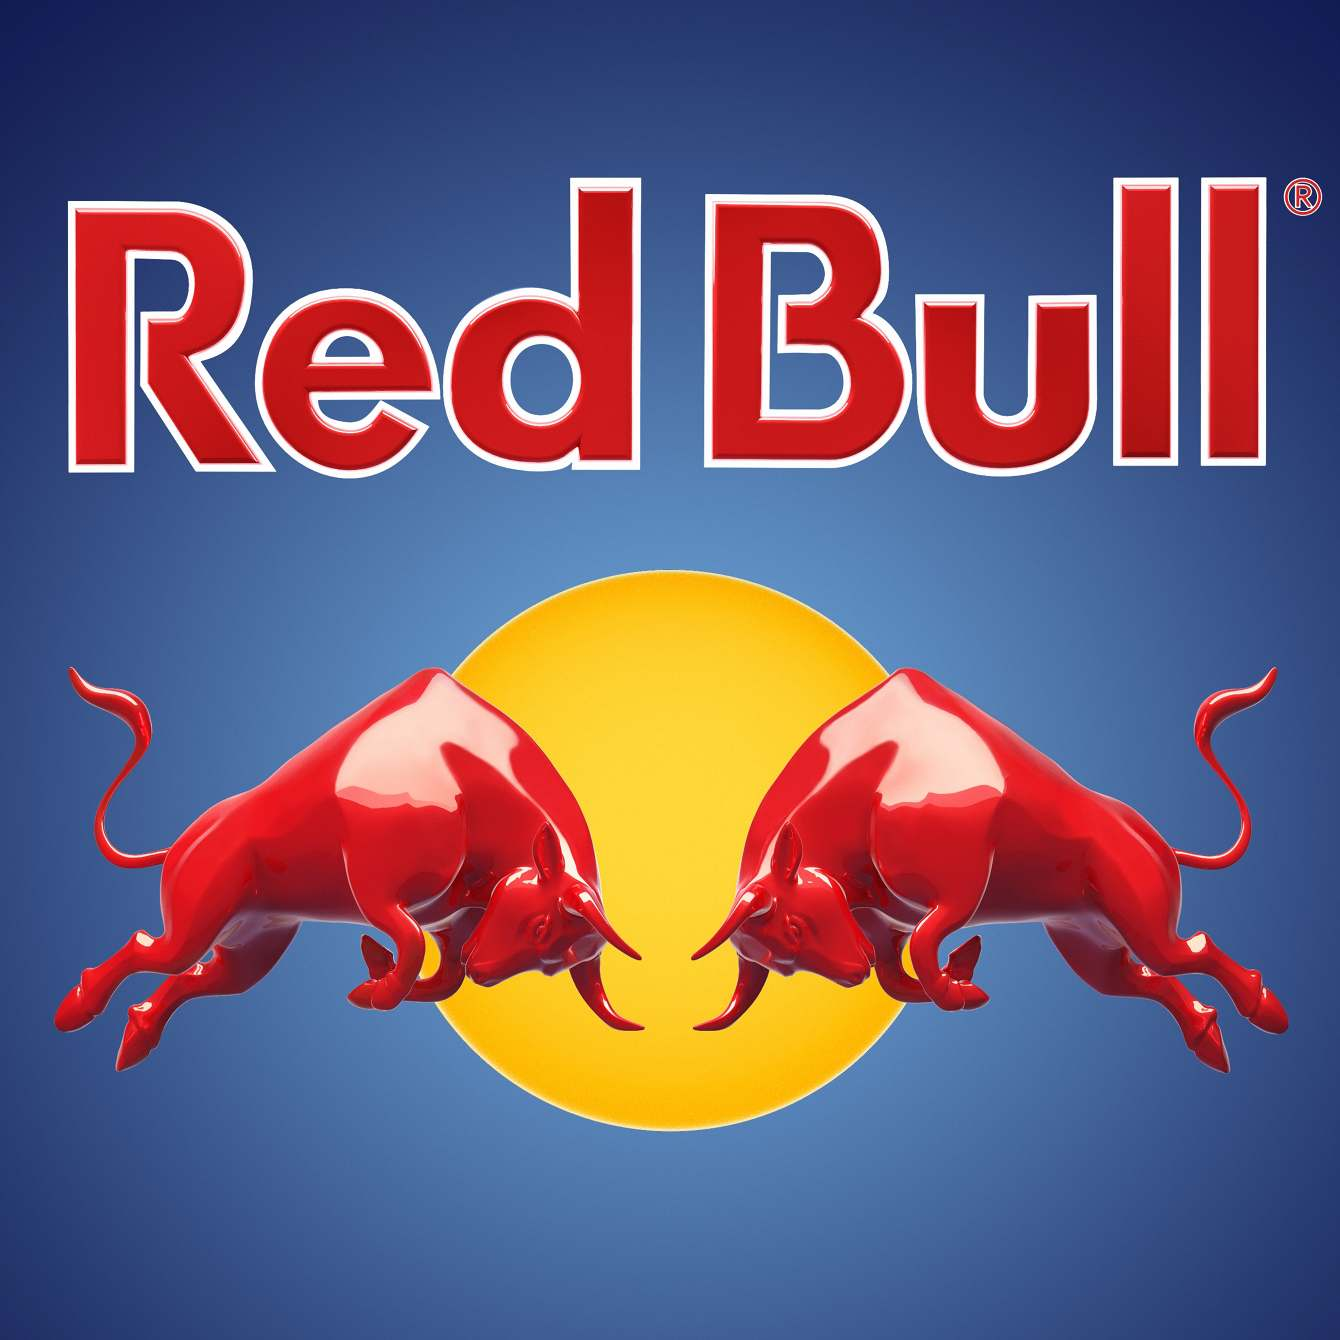 Red-Bull-brand-development-redred_1340_c.jpg